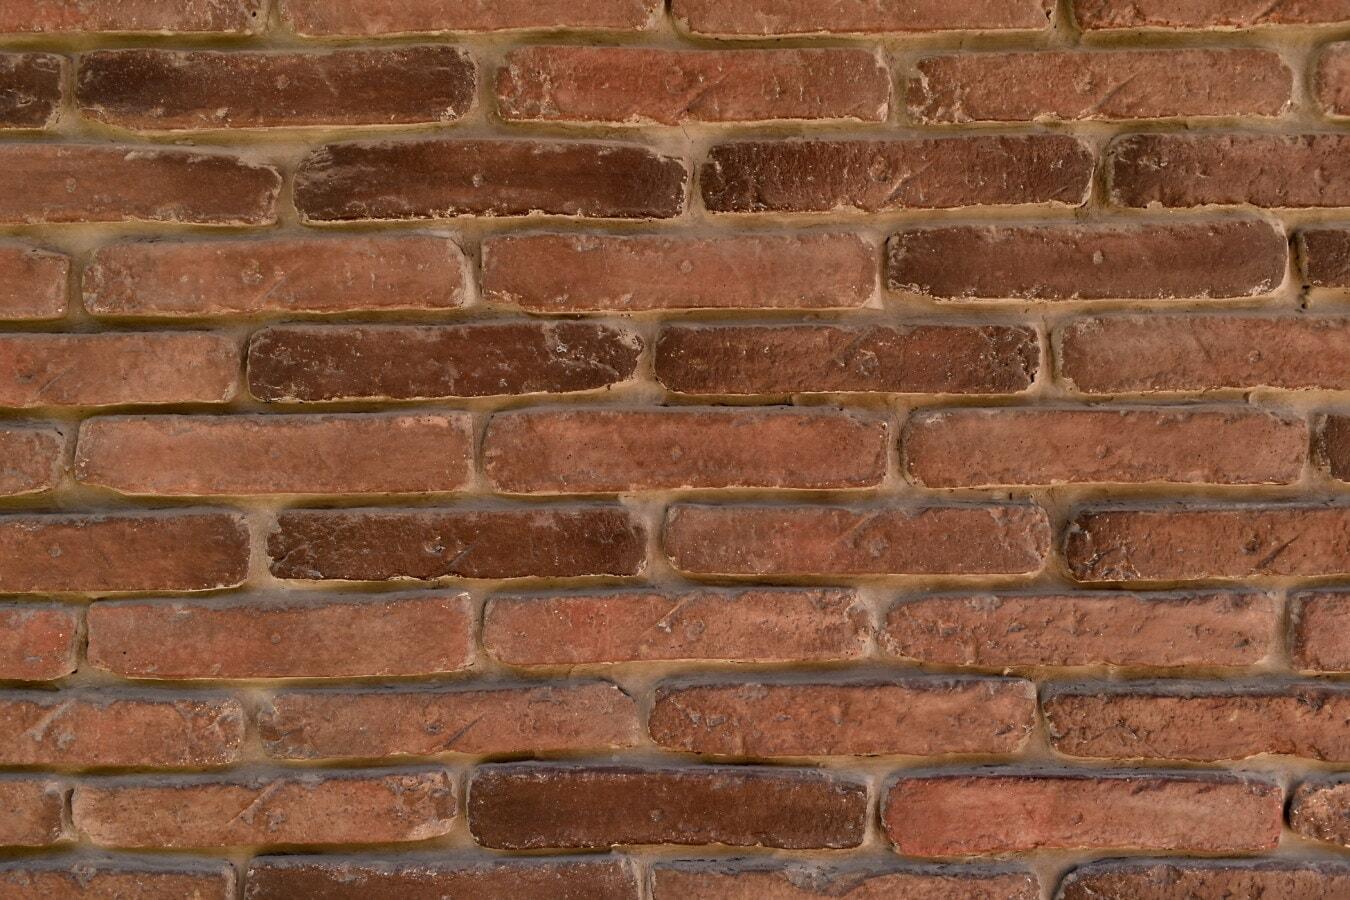 briques, texture, brun, mur, ciment, mortier, poussière, régulière, maçonnerie, surface